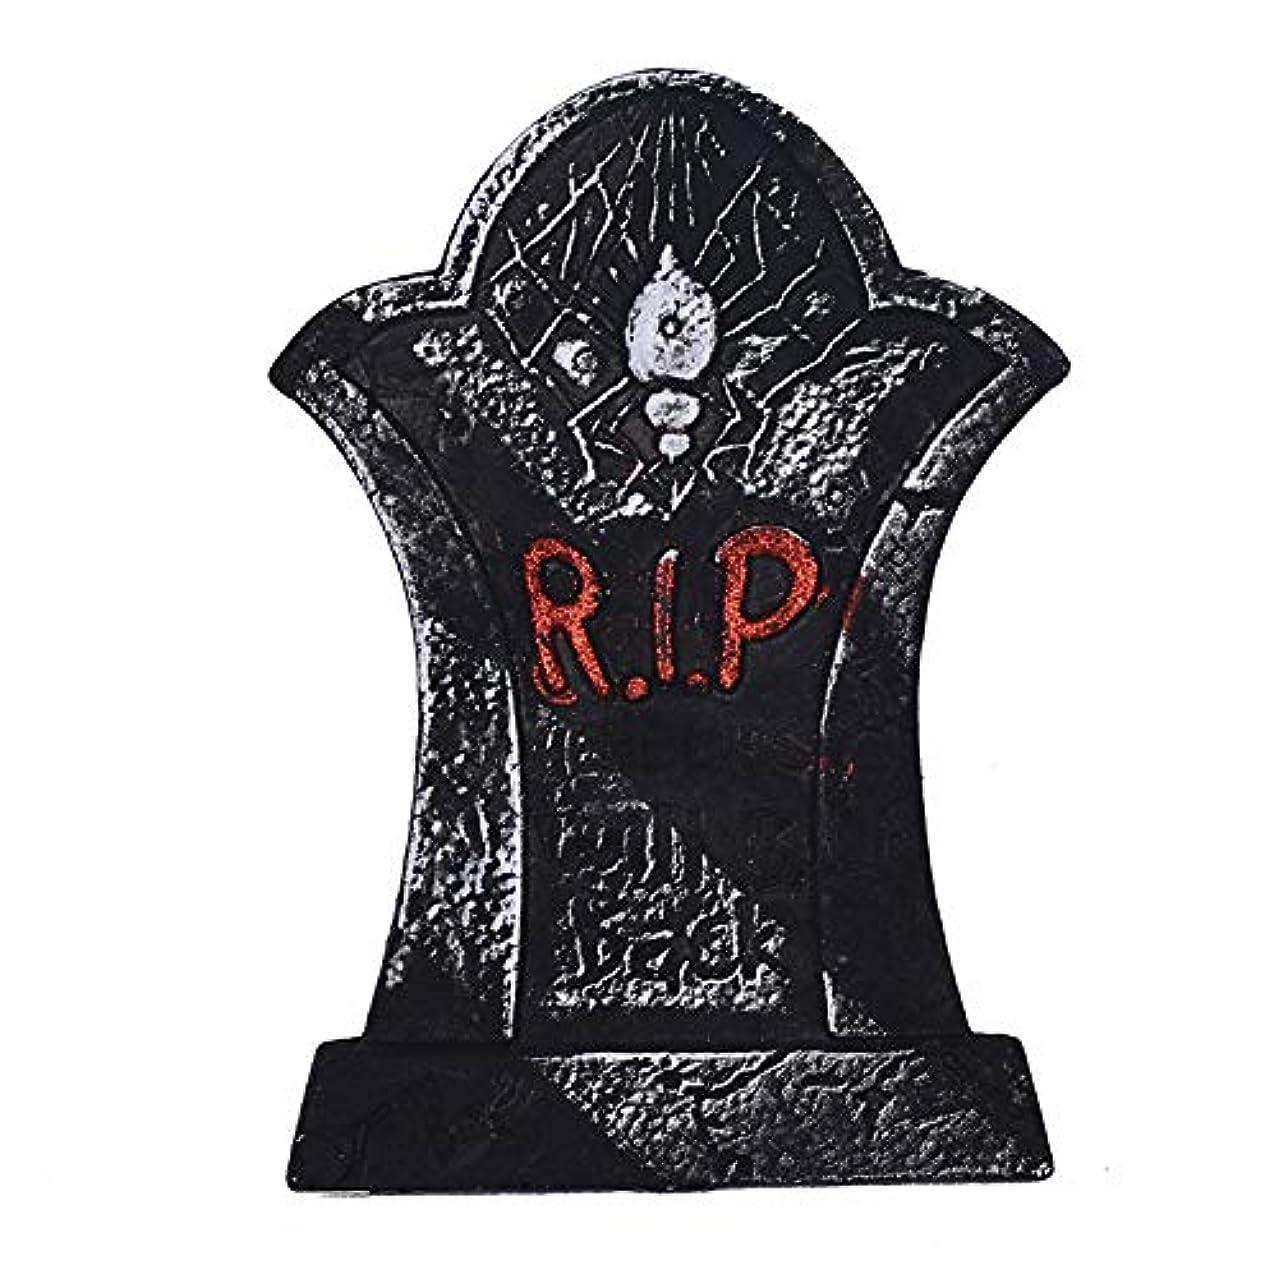 関連する適応オフェンスETRRUU HOME ハロウィーンの三次元墓石タトゥーショップ装飾バーお化け屋敷の秘密の部屋怖い怖い装飾小道具